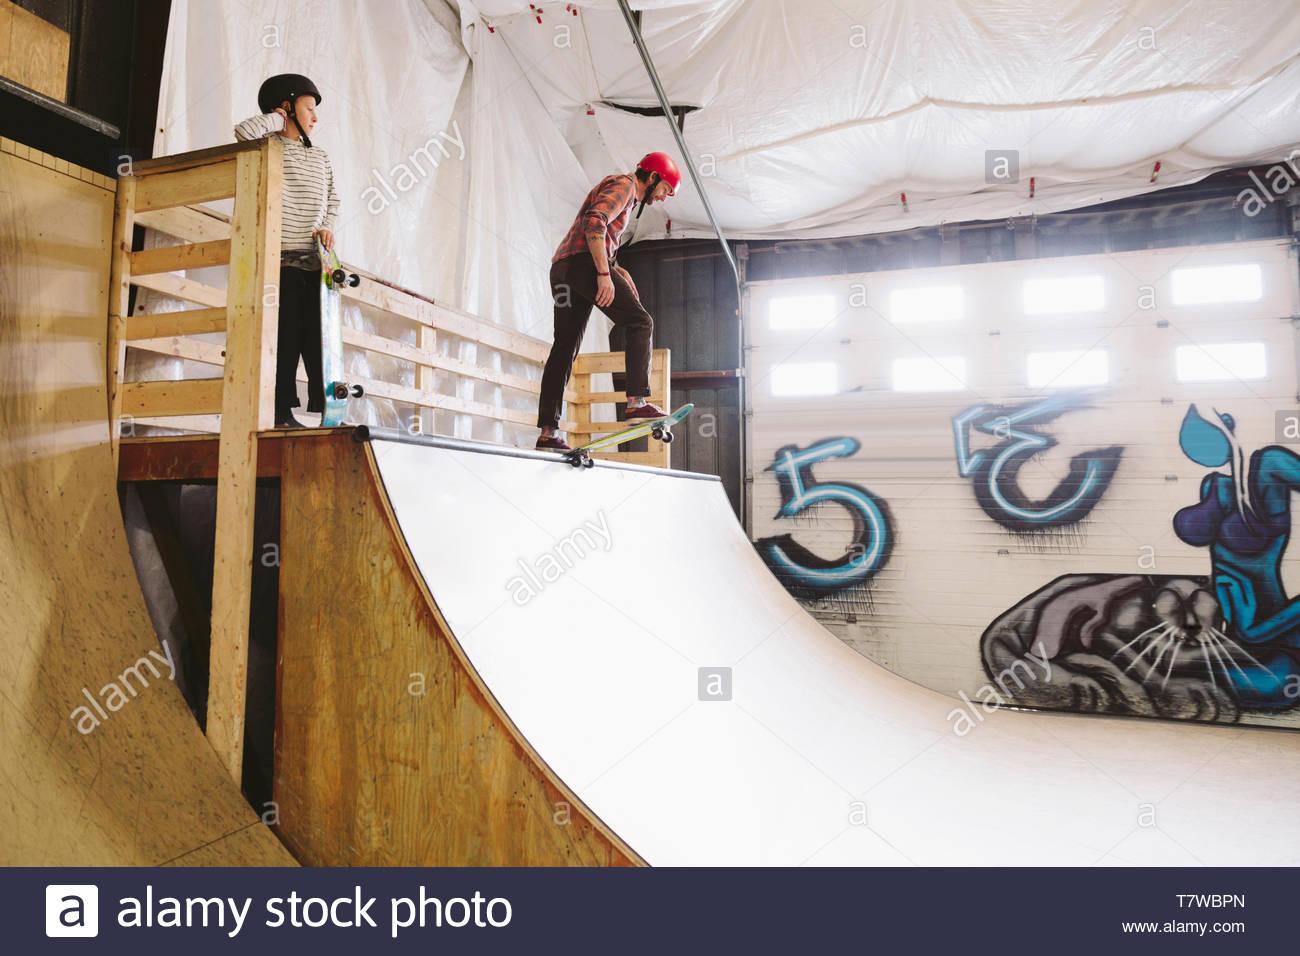 Man skateboarding en haut de la bretelle au skate parc d'intérieur Photo Stock